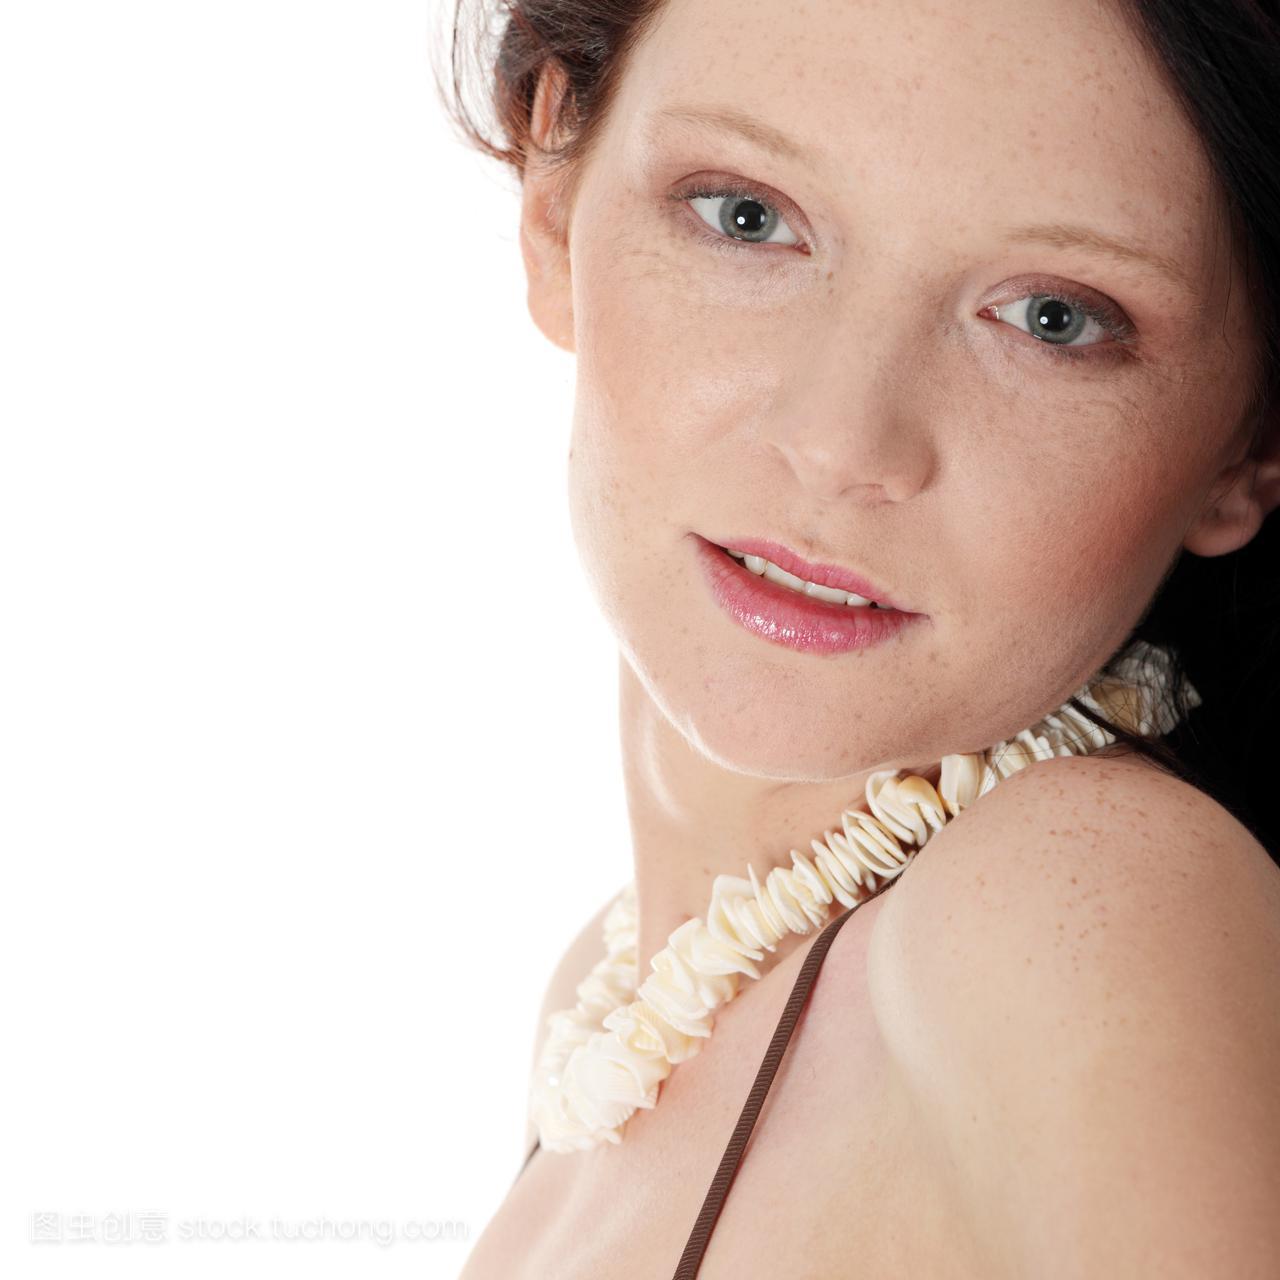 美人,瓷砖,美女,v美人,脸,人物,美女自然,近照,茶色肖像脸部上的图片